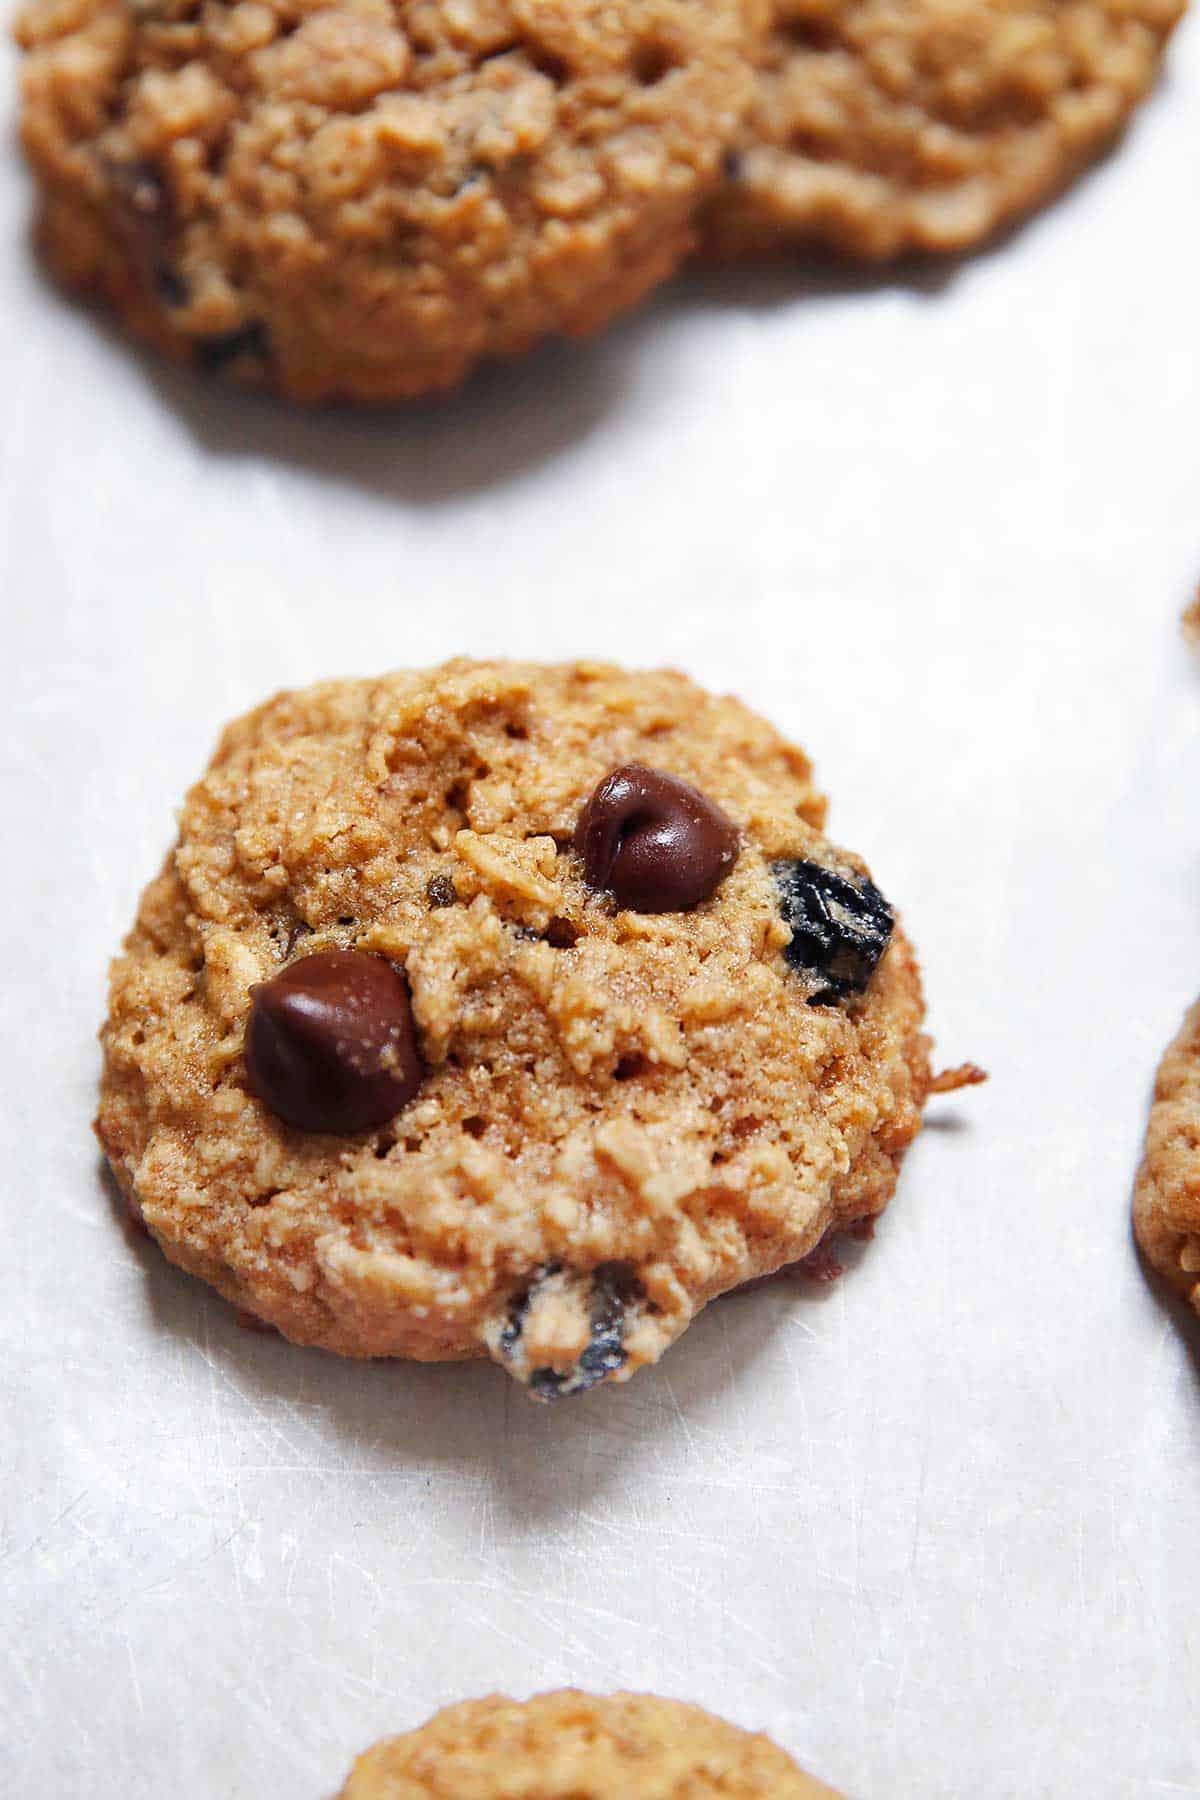 Gluten-Free Oatmeal Raisin Cookies | Lexi's Clean Kitchen